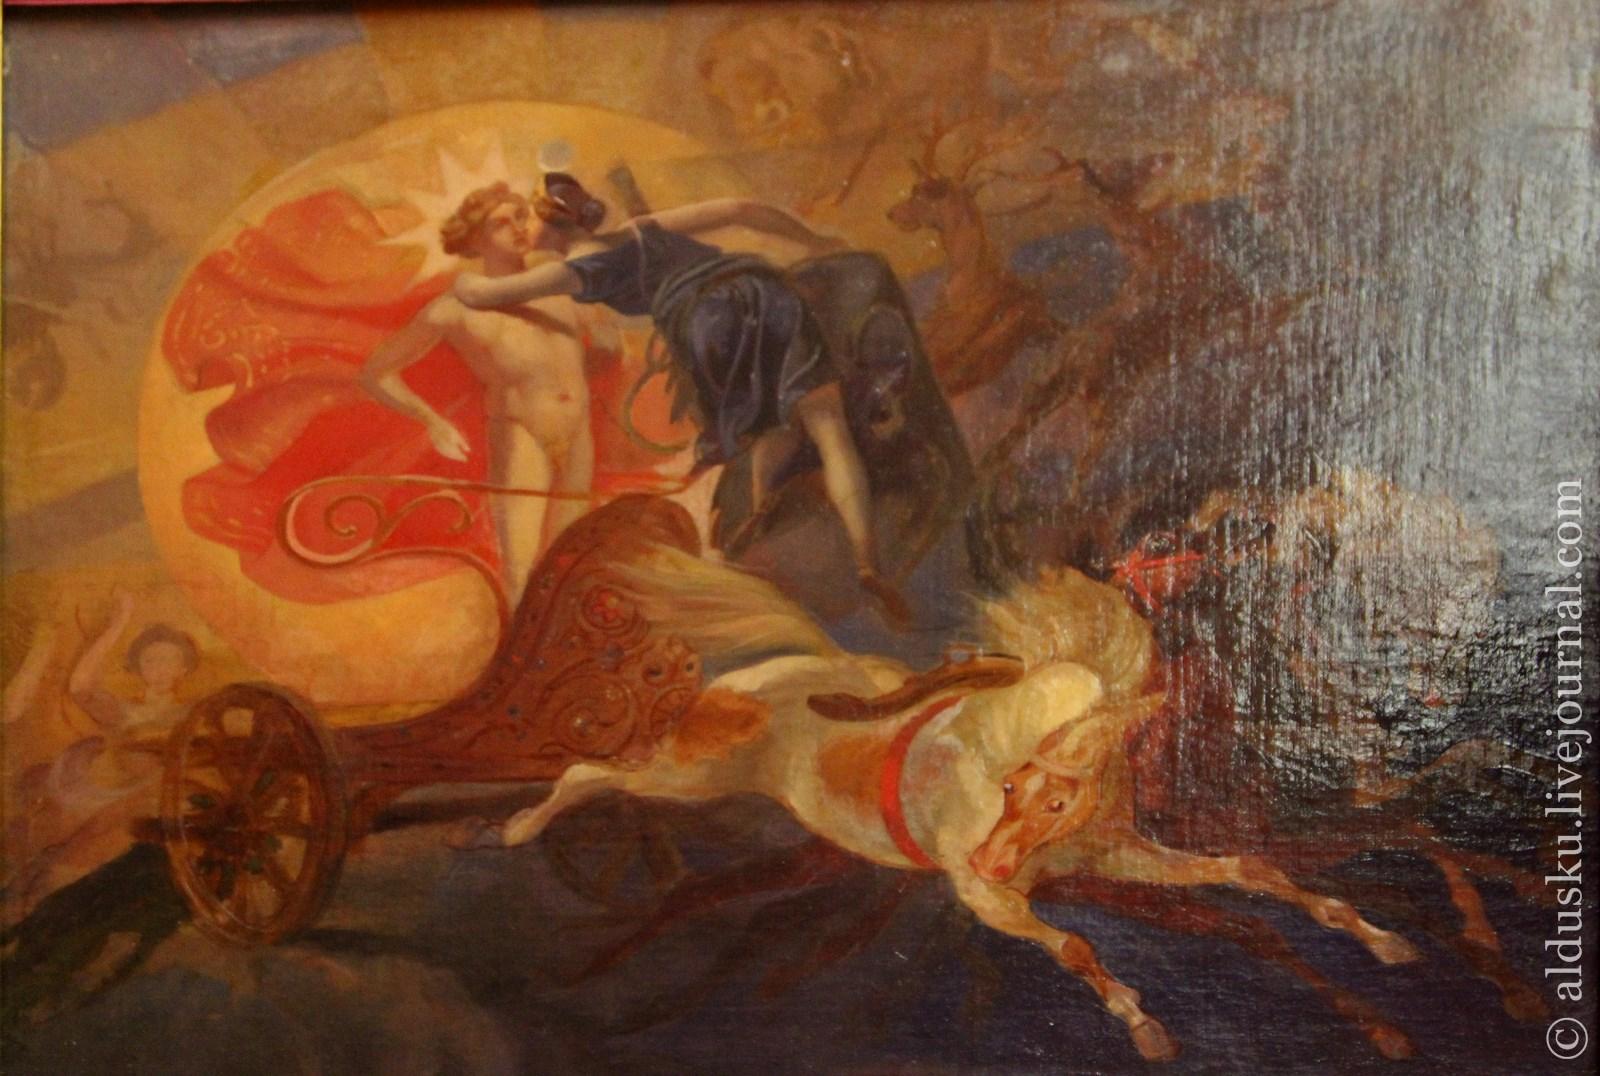 Брюллов К.П. (1799–1852) Затмение солнца (Прощание Дианы с Аполлоном). 1851–1852. Эскиз картины. Холст, масло